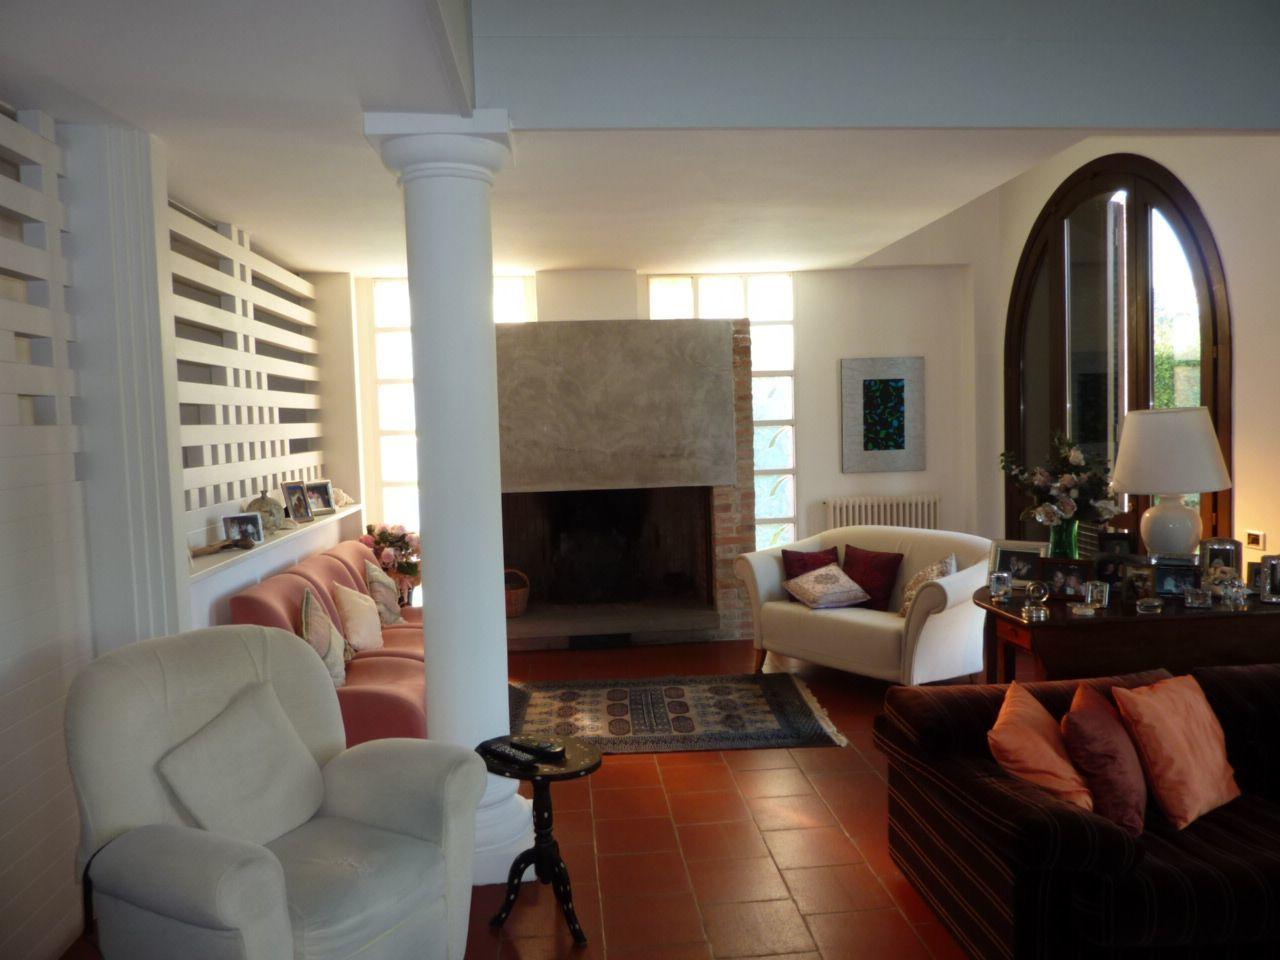 Villa in vendita RIF. 959, San Miniato (PI)